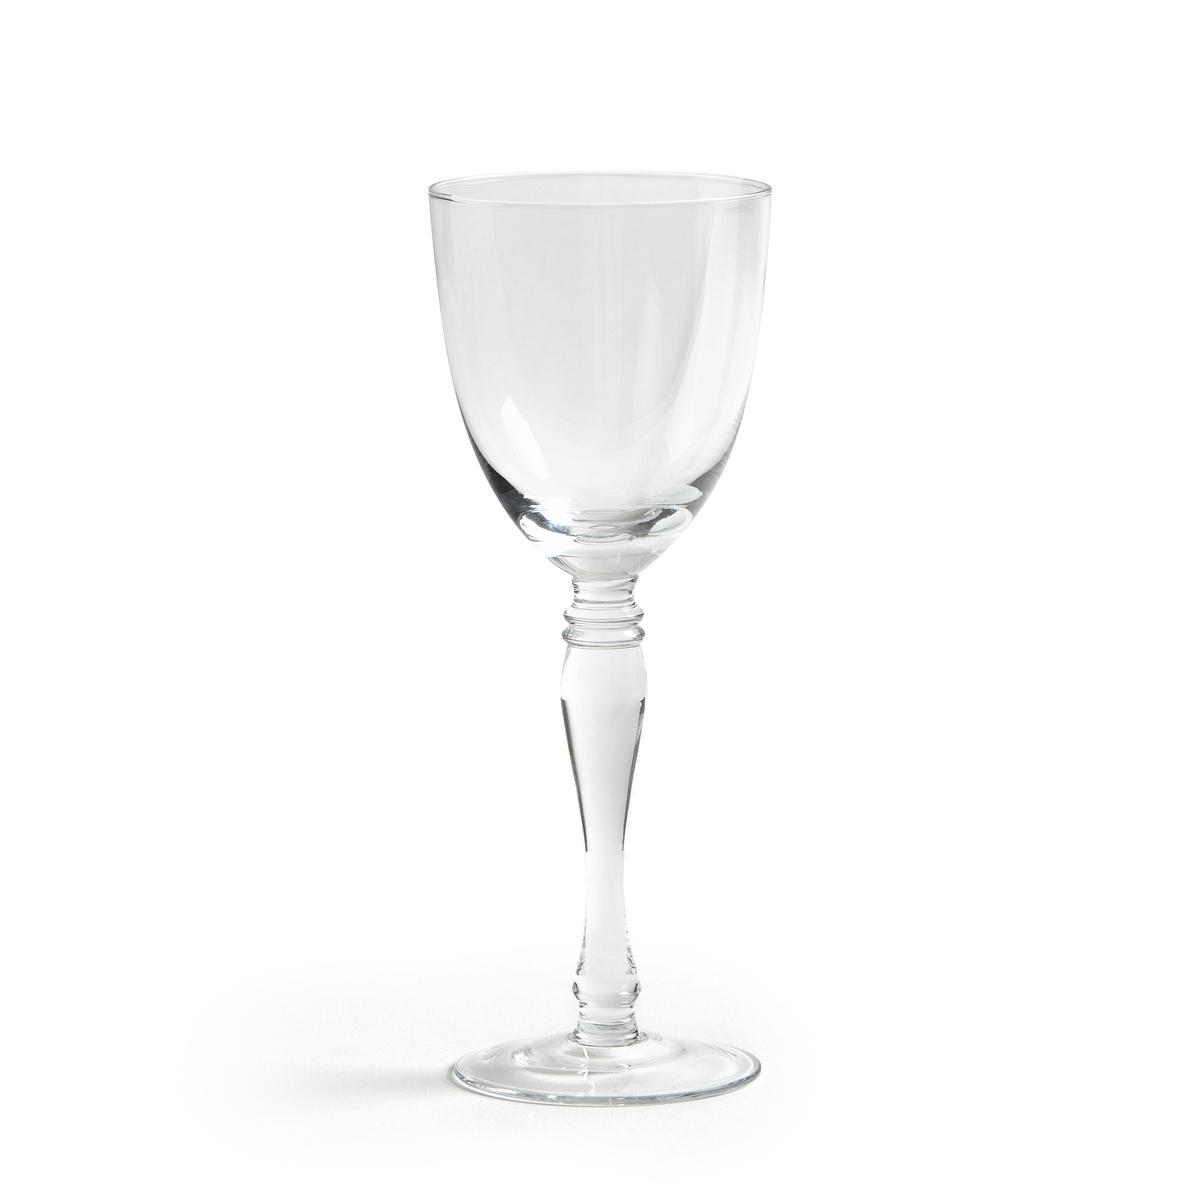 4 бокала под вино Alinda4 бокала под вино Alinda . Элегантные и изысканные бокалы Alinda - незаменимый элемент для красивого стола .Описание 4 бокалов под вино Alinda :- Прозрачные бокалы прямой формы - Диаметр : 8,5 / 7,3 см - Высота : 23 см- Подходят для мытья в посудомоечной машине- В комплекте 4 бокала<br><br>Цвет: прозрачный